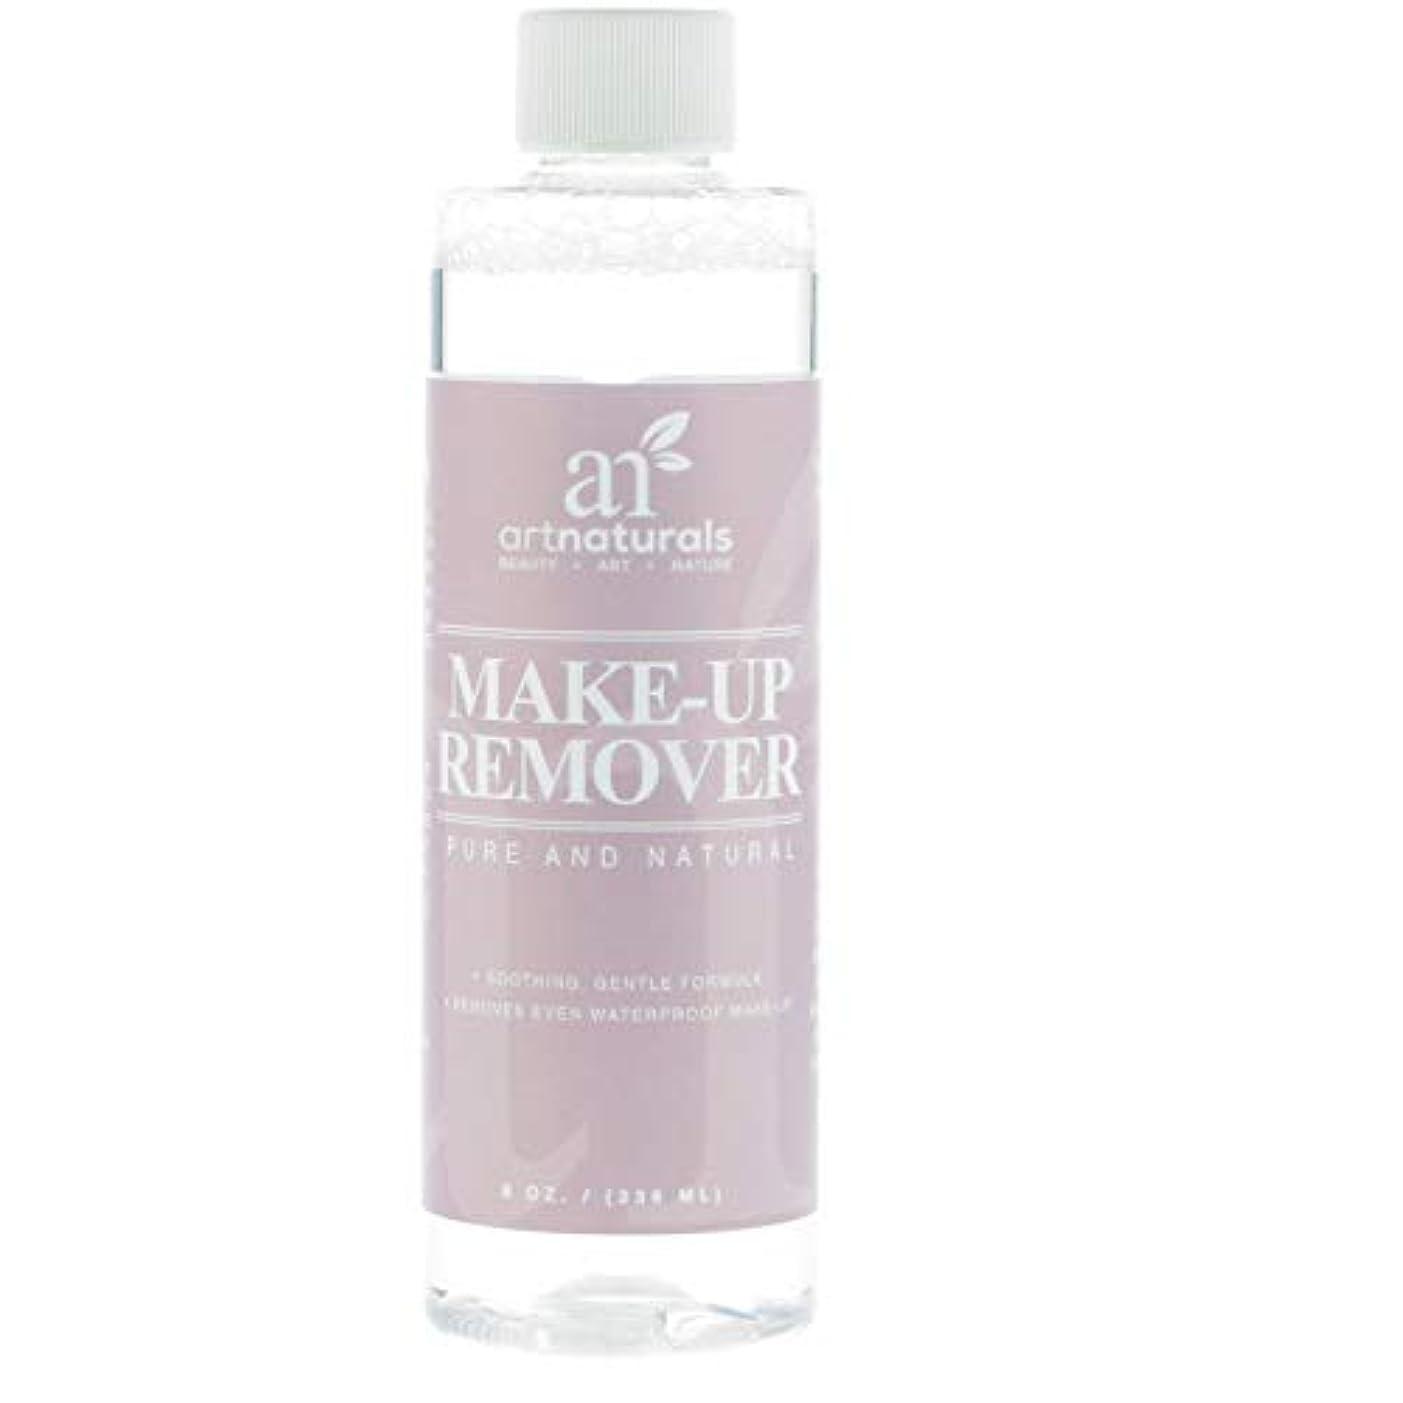 決めます慰め受取人ArtNaturals Makeup Remover, Oil Free, Natural Cleansing Cosmetics, 8.0 o